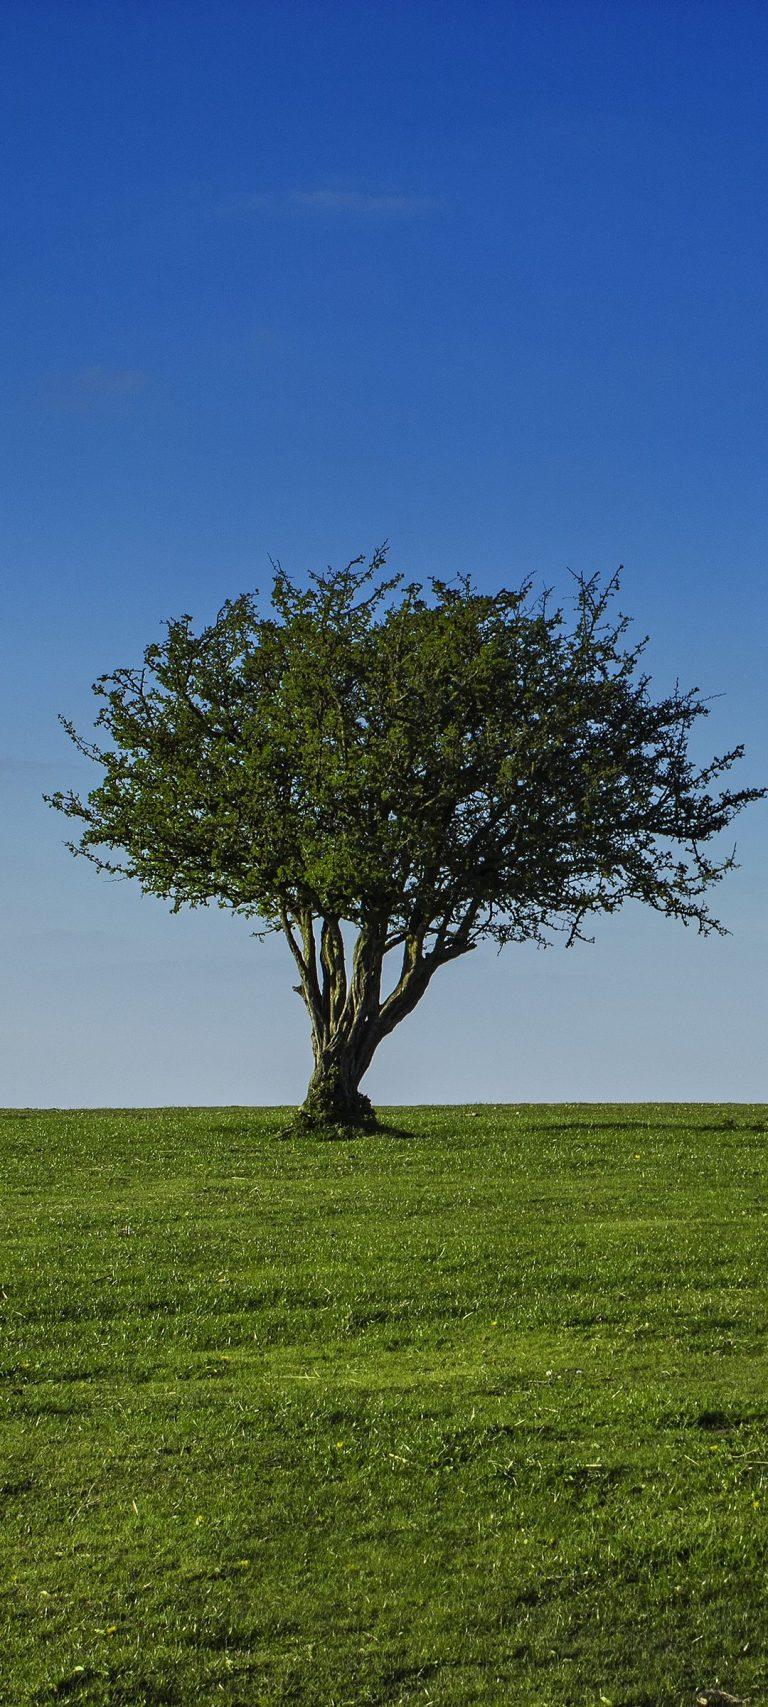 Field Sky Tree Grass Crown 1080x2400 768x1707